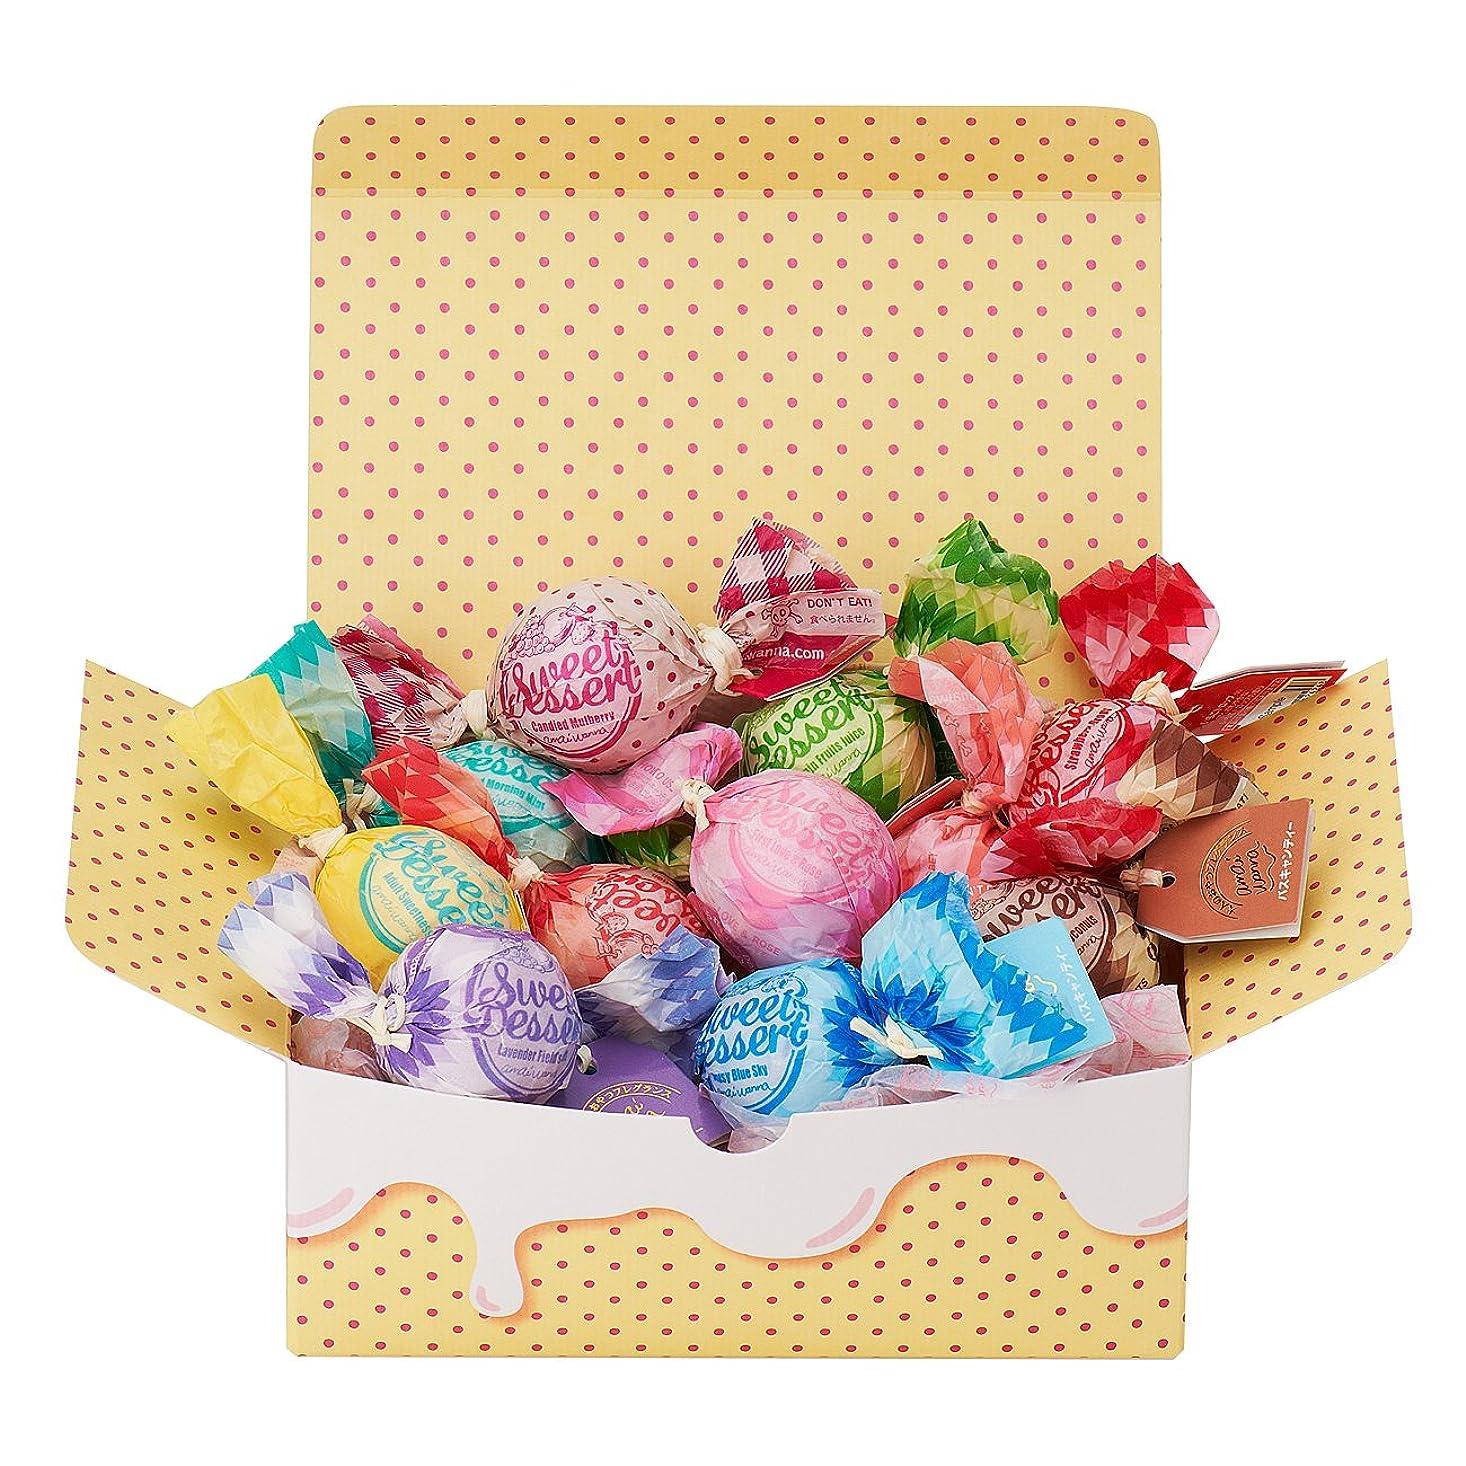 刺激する踊り子ストローアマイワナ 11粒のしあわせ(箱入りバスギフト キャンディー型入浴料×11個)